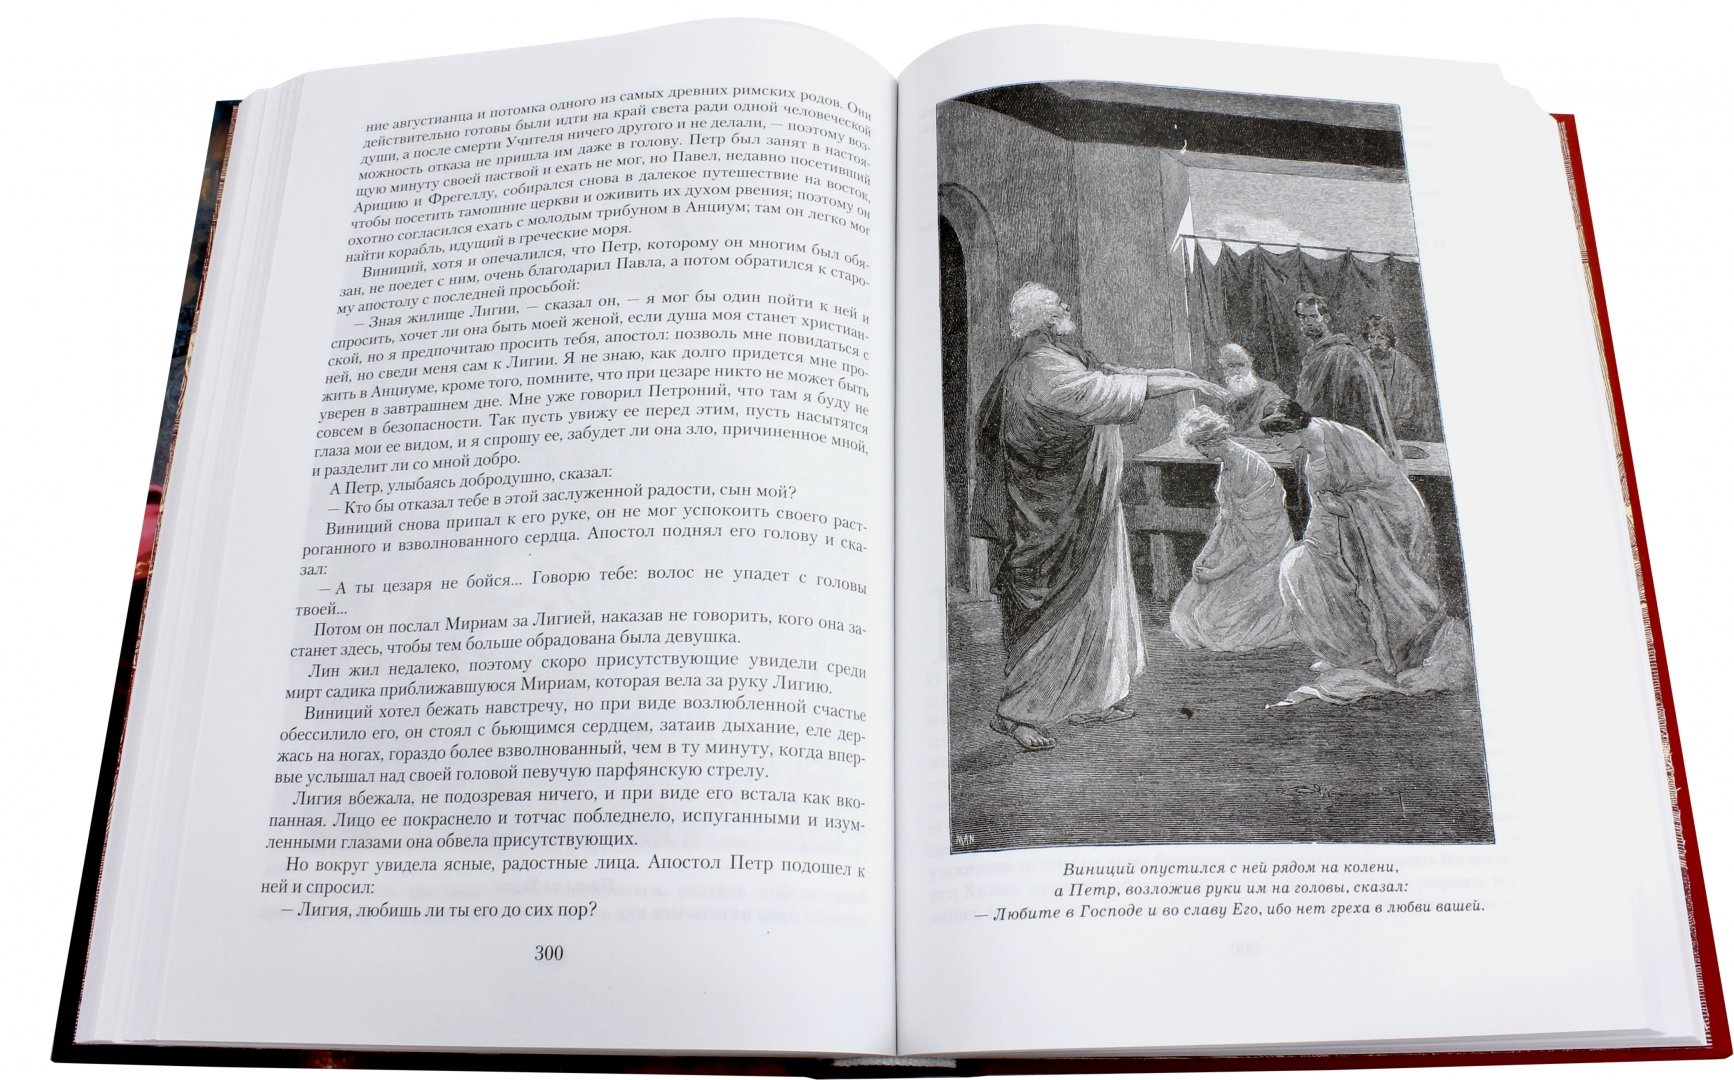 Иллюстрация 1 из 37 для Камо грядеши. Роман в 3-х частях из эпохи Нерона - Генрик Сенкевич | Лабиринт - книги. Источник: Лабиринт